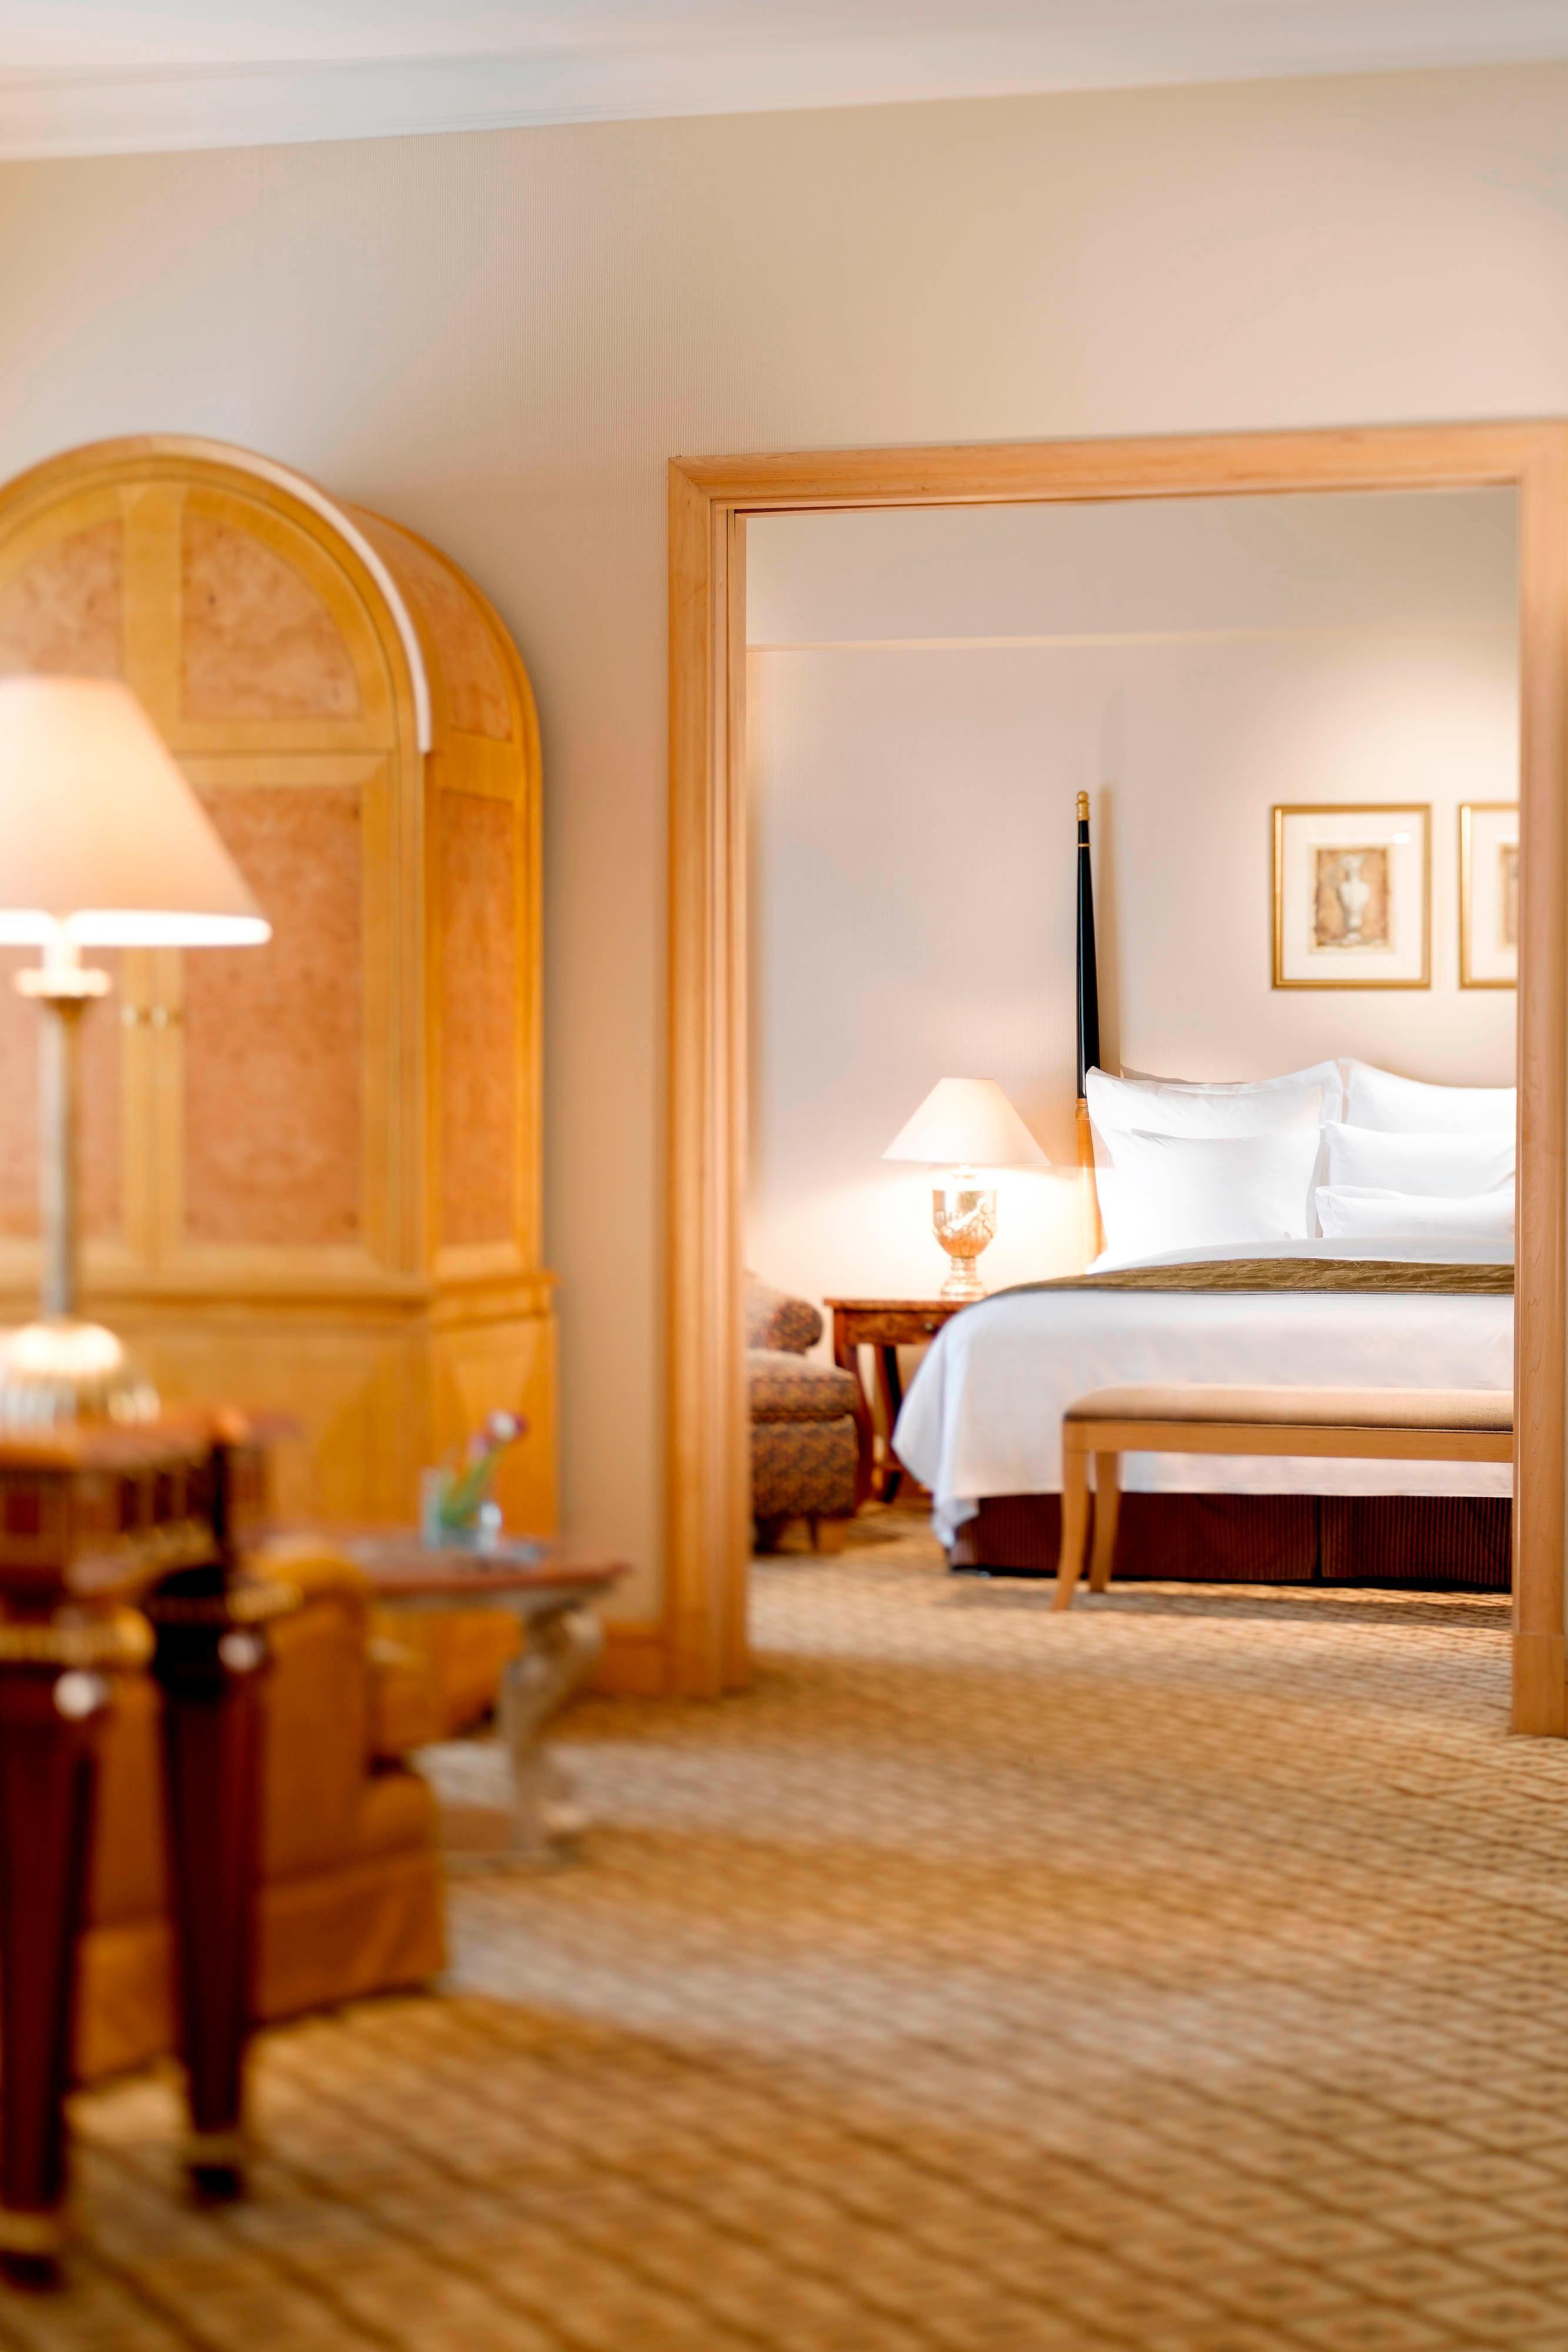 JW Marriott Suite